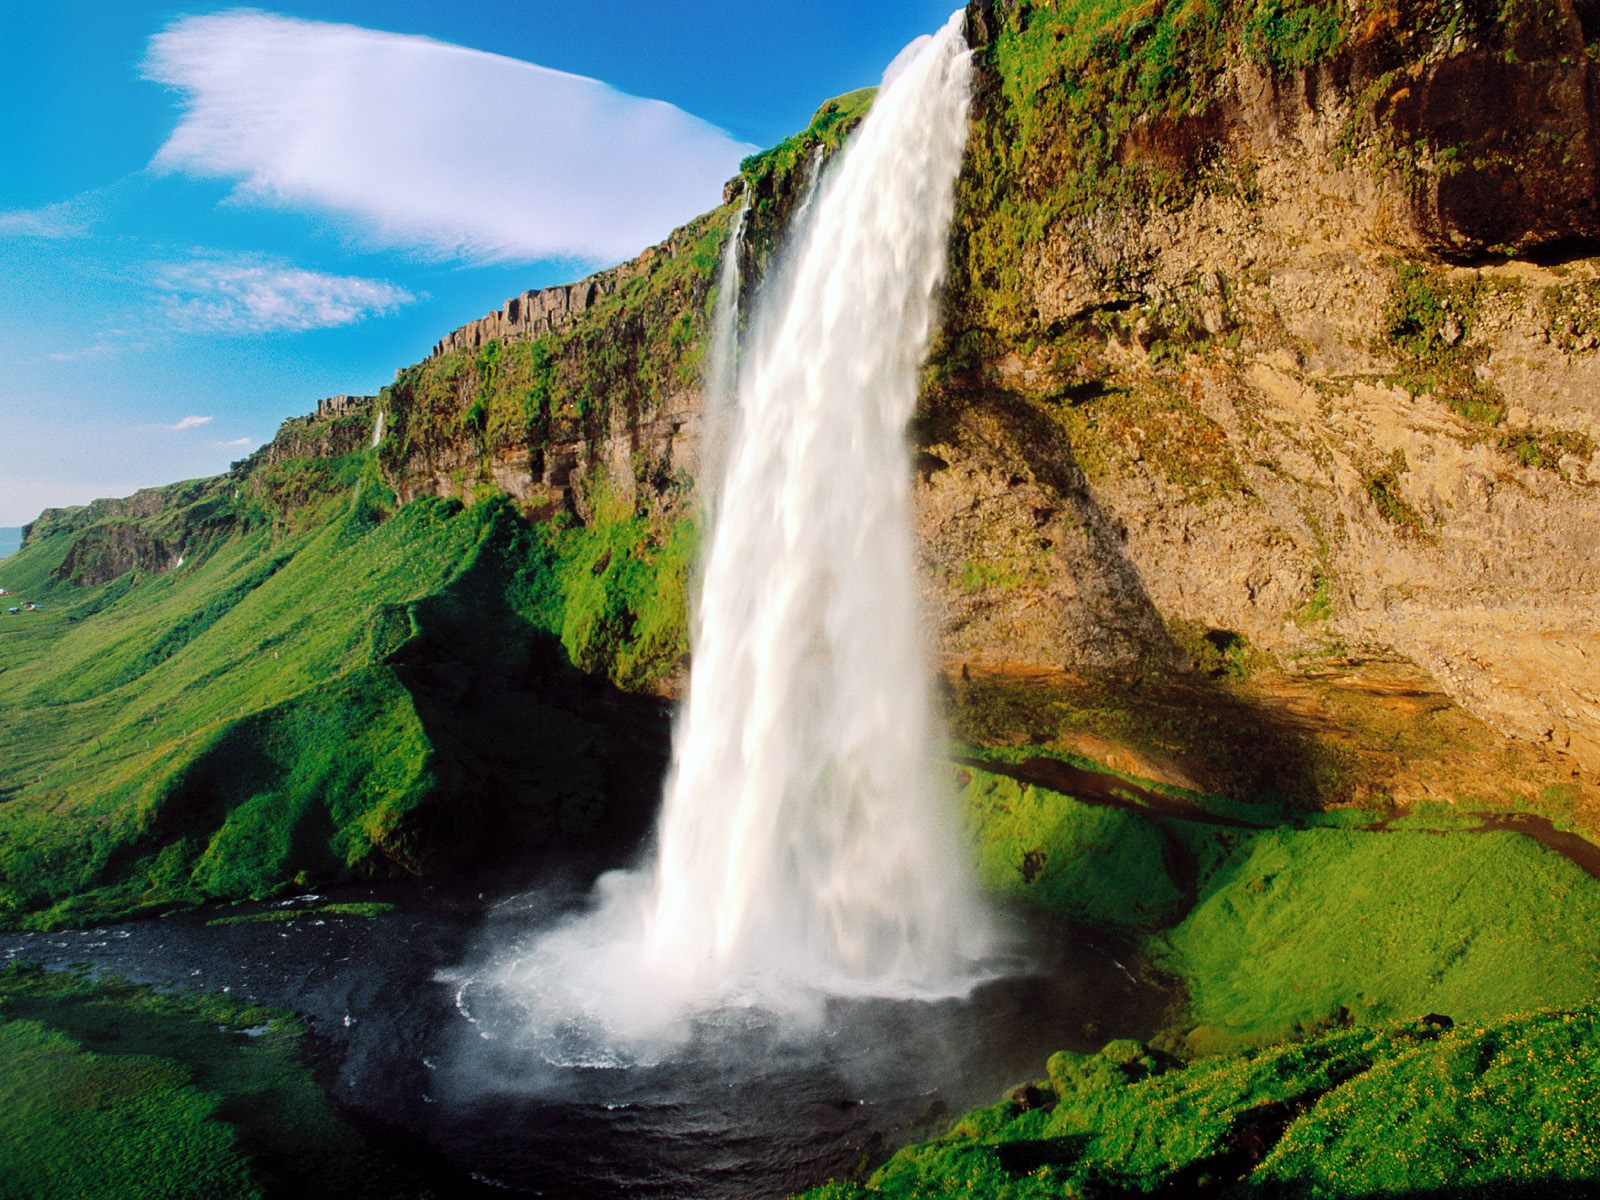 http://1.bp.blogspot.com/-JcPIbFLt22I/TcmPebO_5vI/AAAAAAAAABg/NqA9wfw-XPg/s1600/Waterfall-Wallpapers-Pack+%252817%2529.jpg